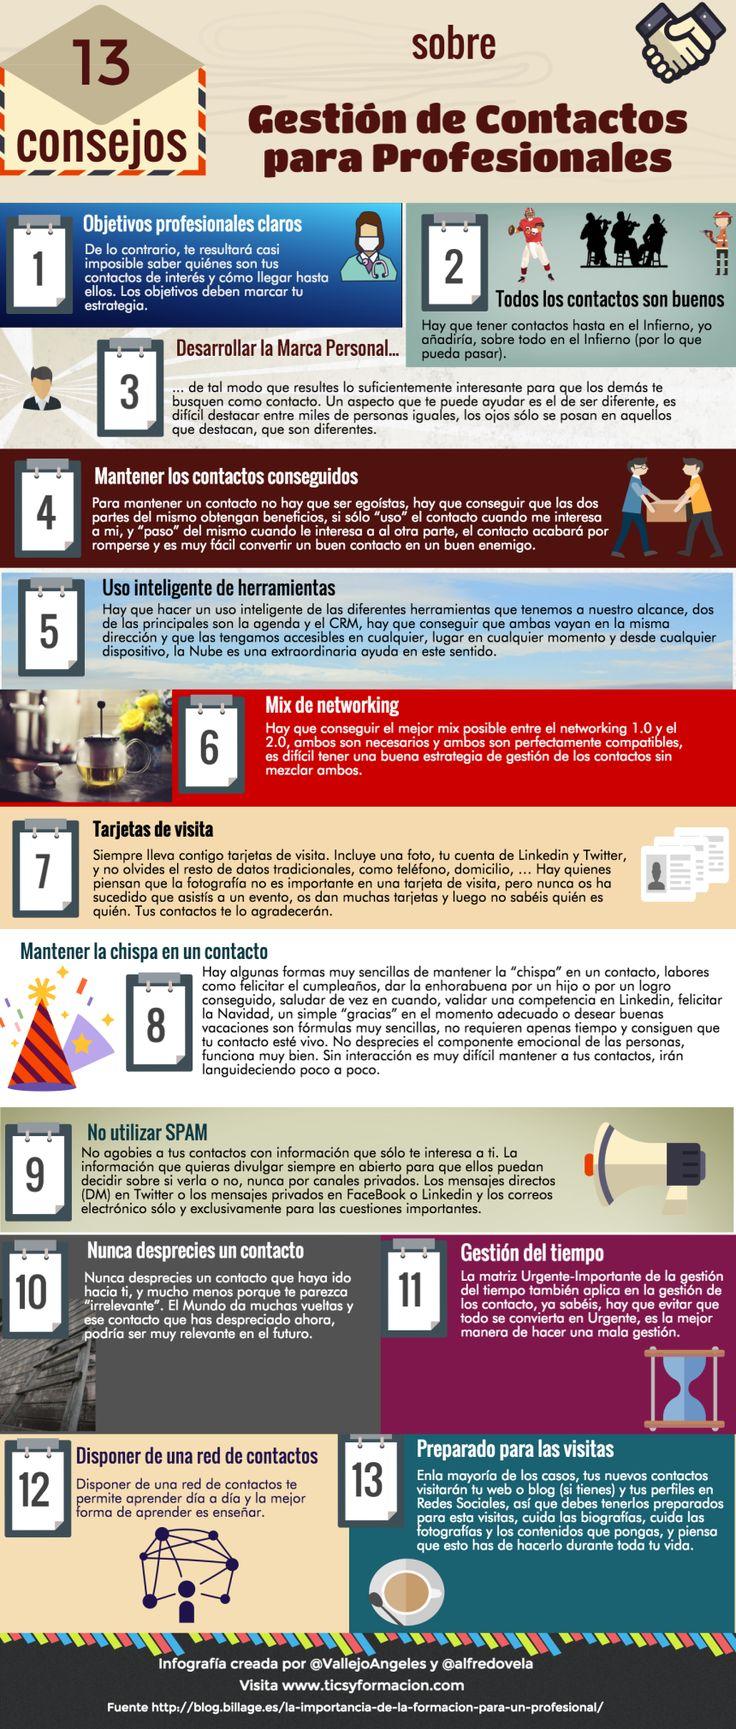 13 consejos sobre gestión de contactos para profesionales #infografia #marketing